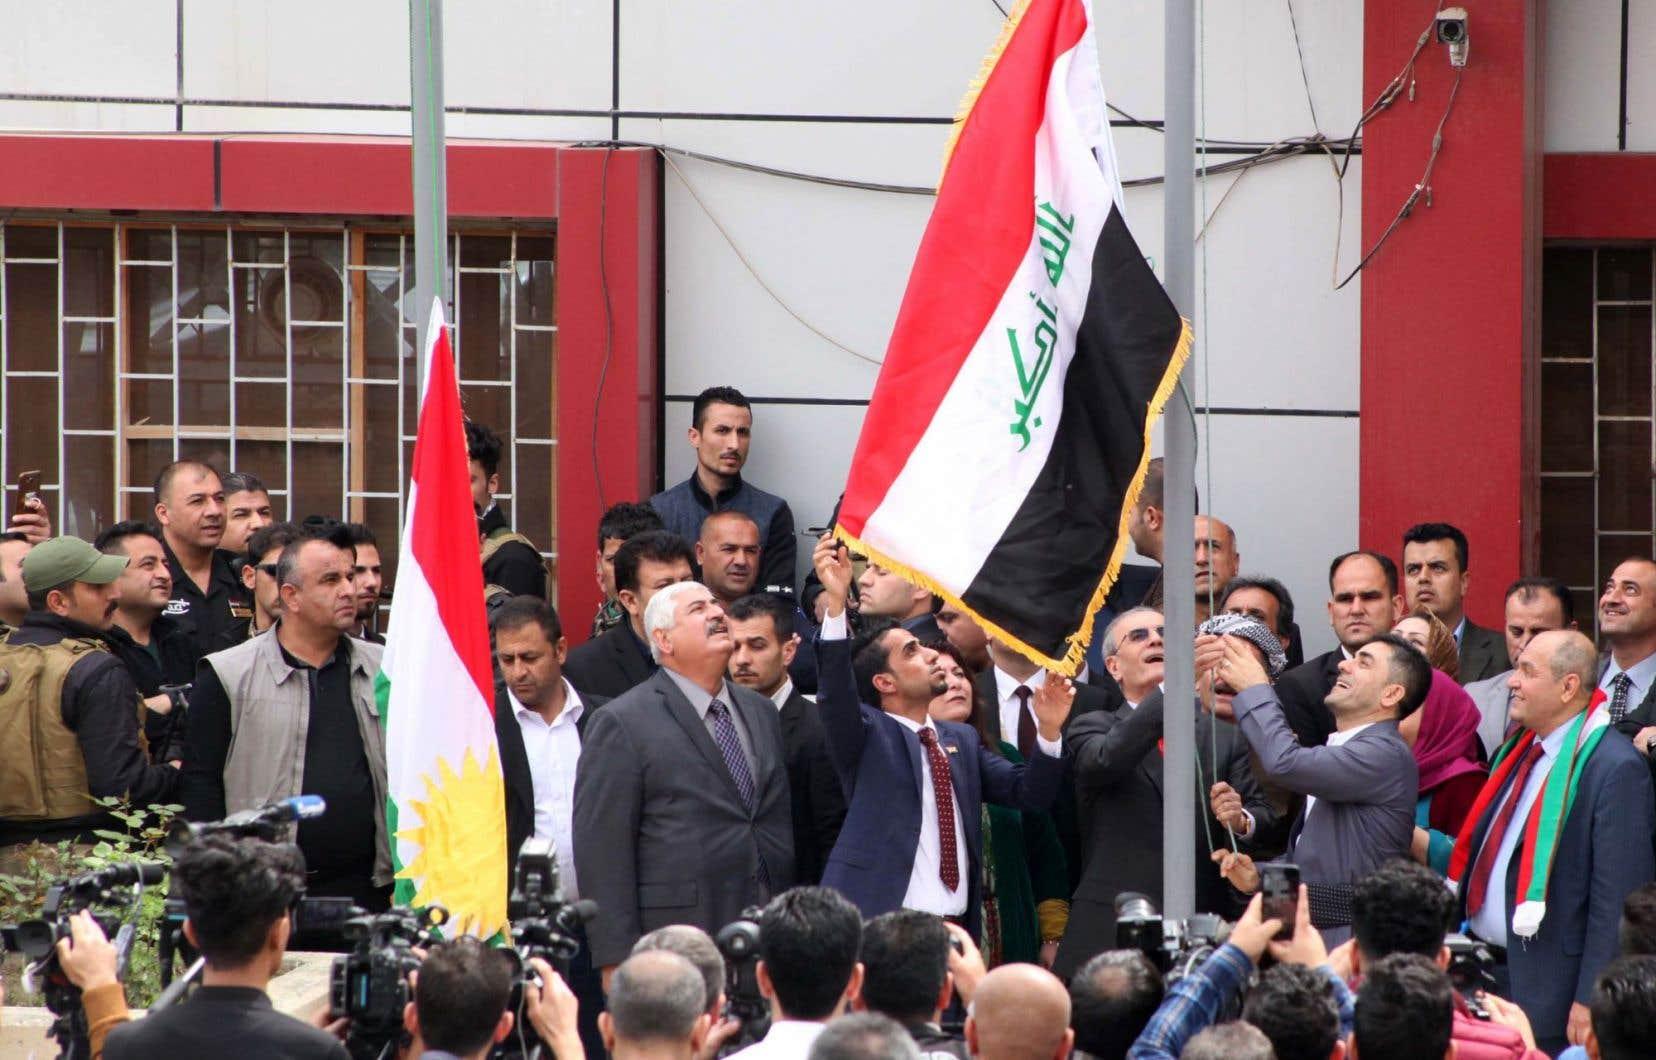 Le gouverneur provincial de Kirkuk, Najim al-Din Karim, hisse le drapeau irakien à côté du drapeau kurde sur un immeuble gouvernemental situé dans la ville irakienne du Kirkouk, le 28 mars 2017.